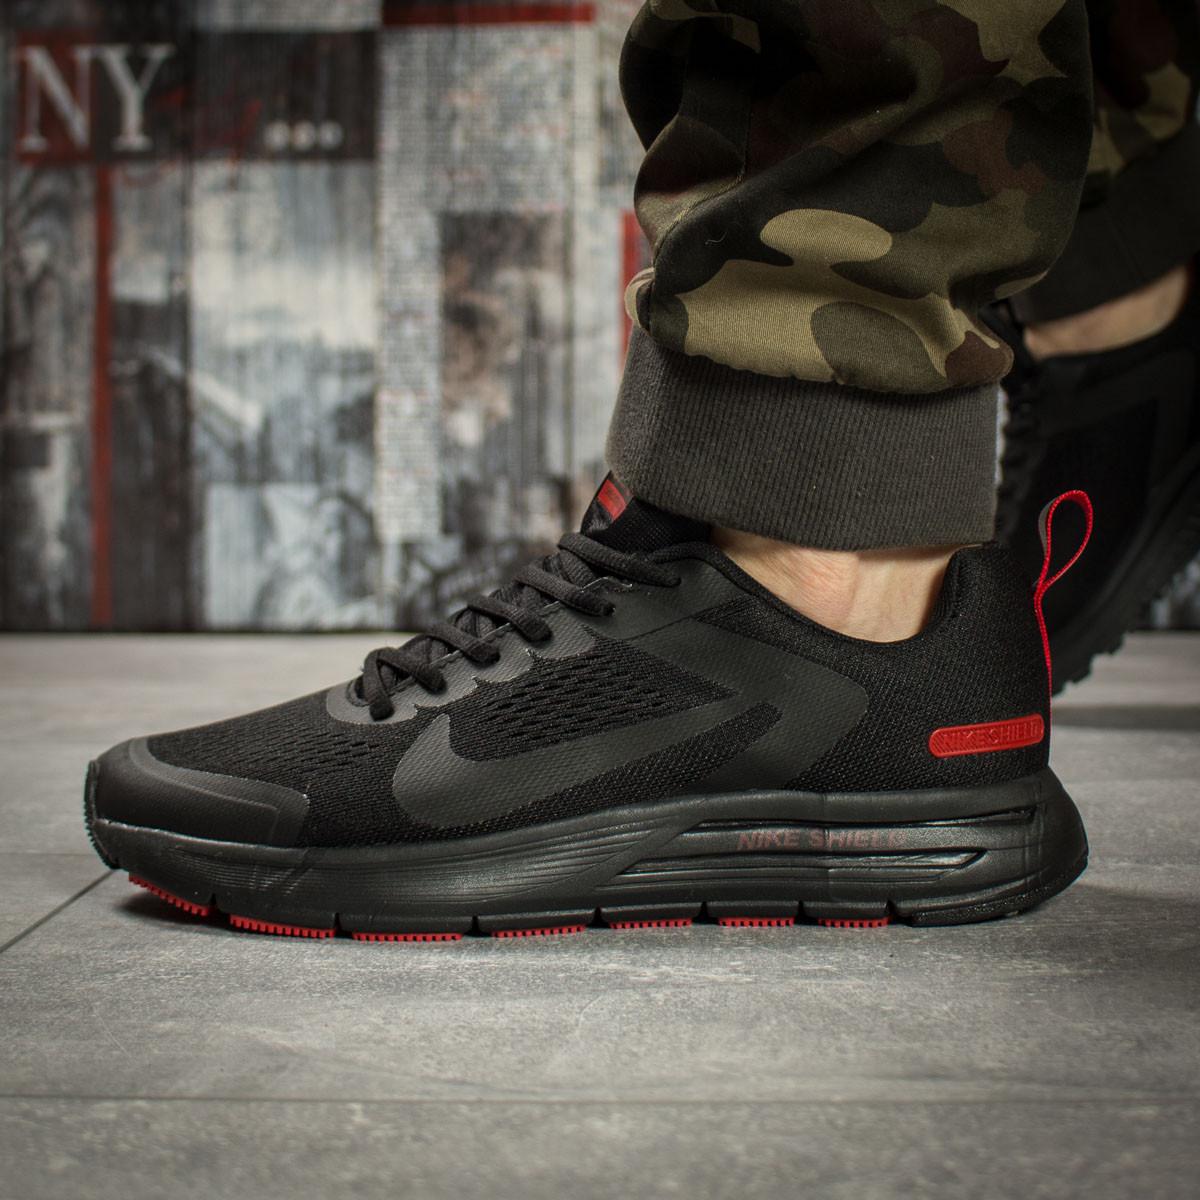 Кроссовки мужские Nike Air Zoom, черные (16012) размеры в наличии ►(нет на складе)